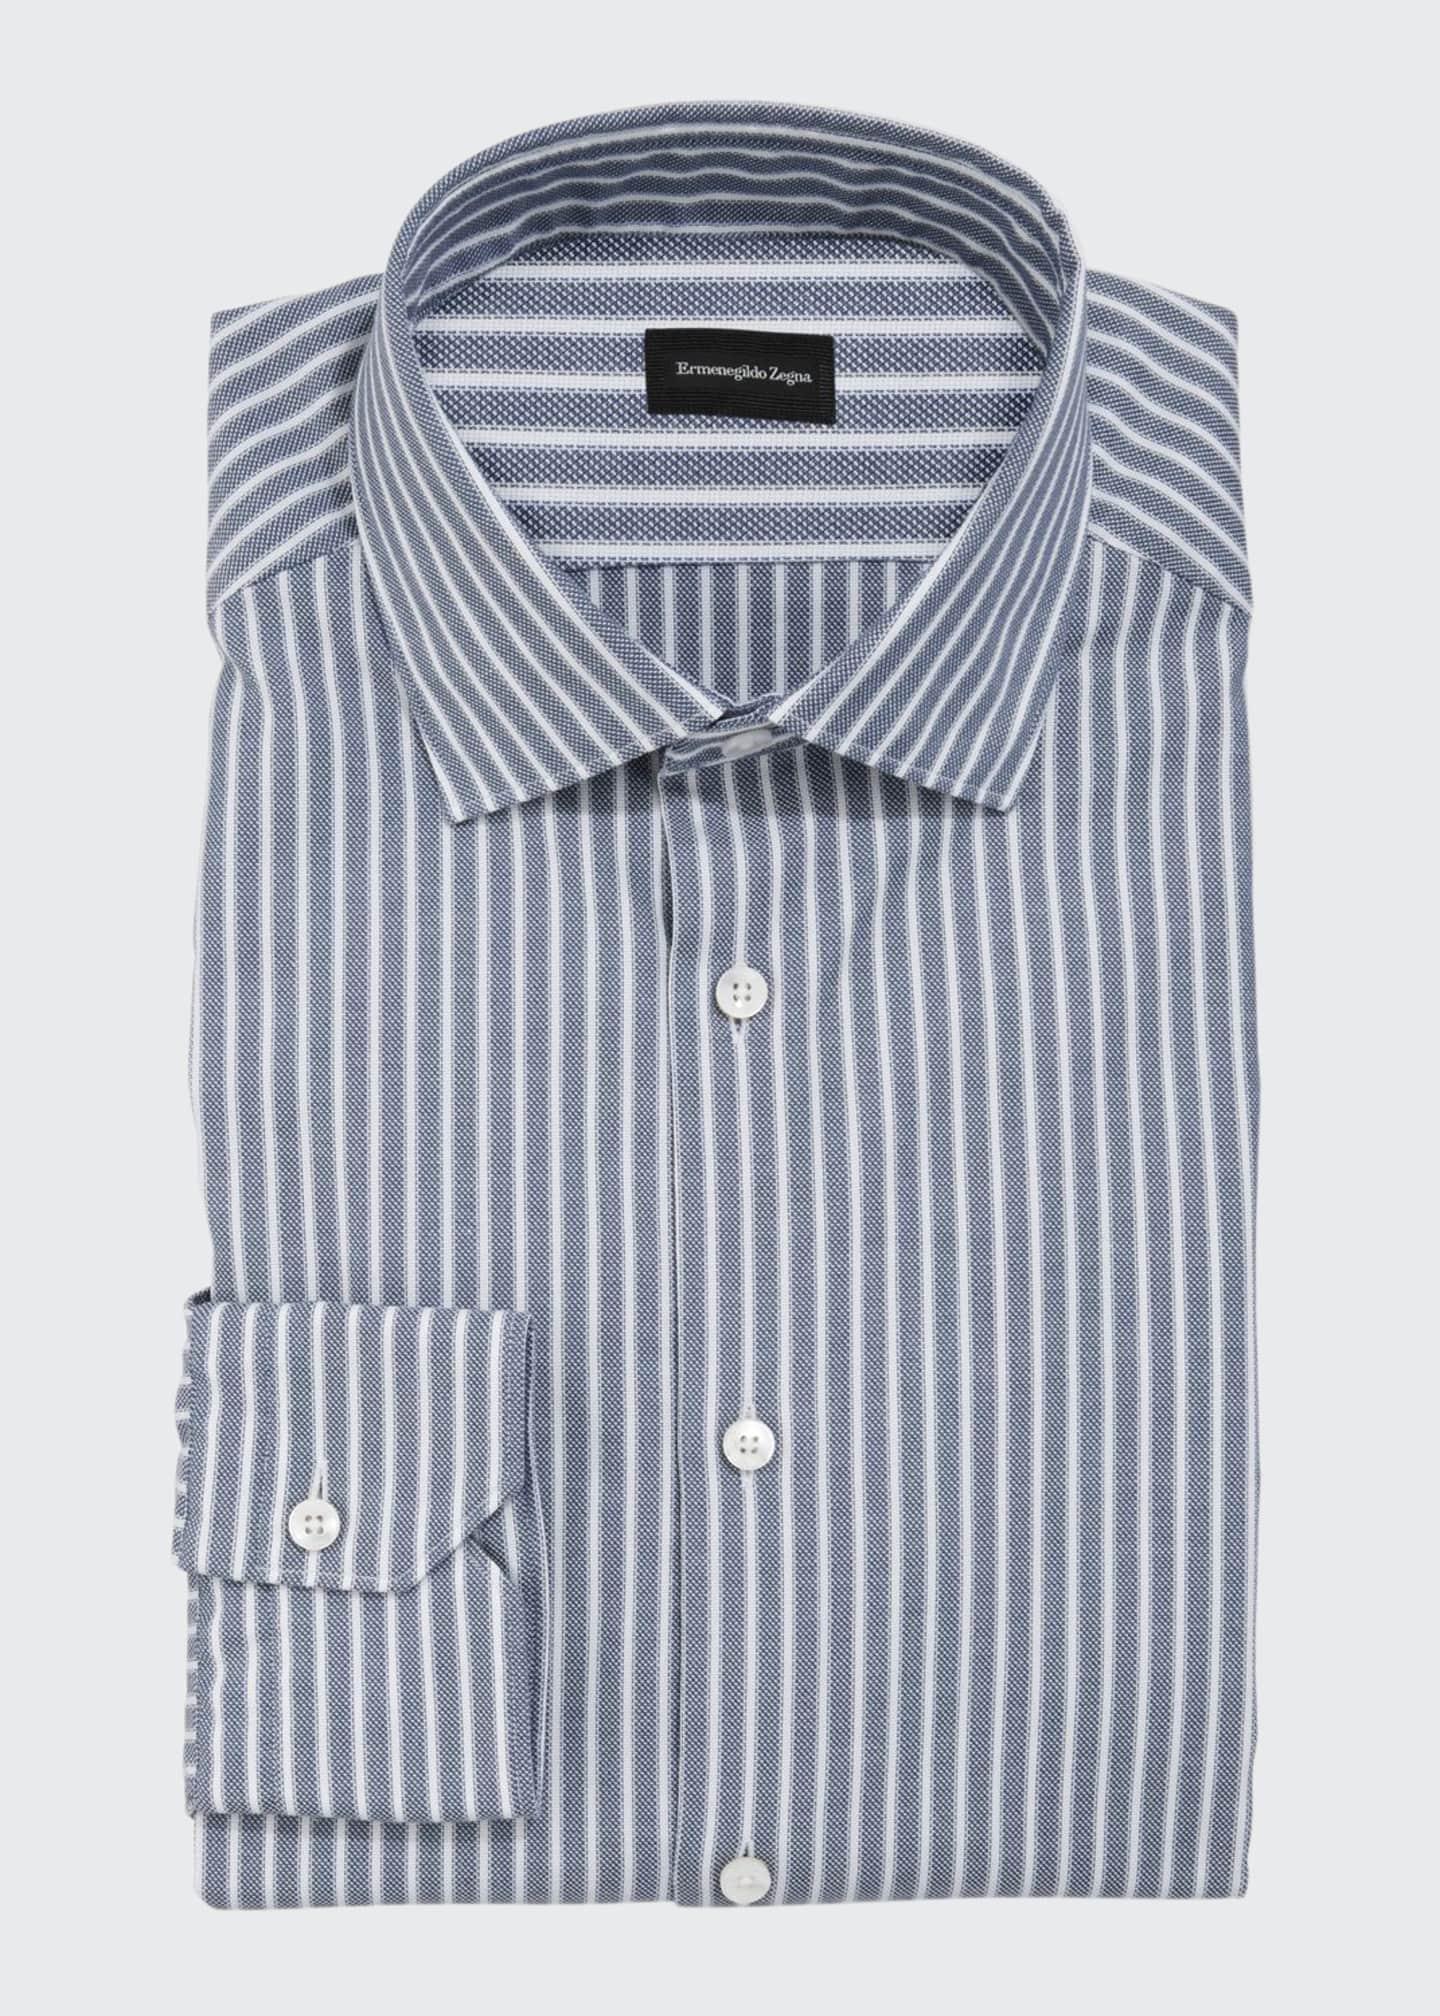 Ermenegildo Zegna Men's Oxford Stripe Cotton Dress Shirt